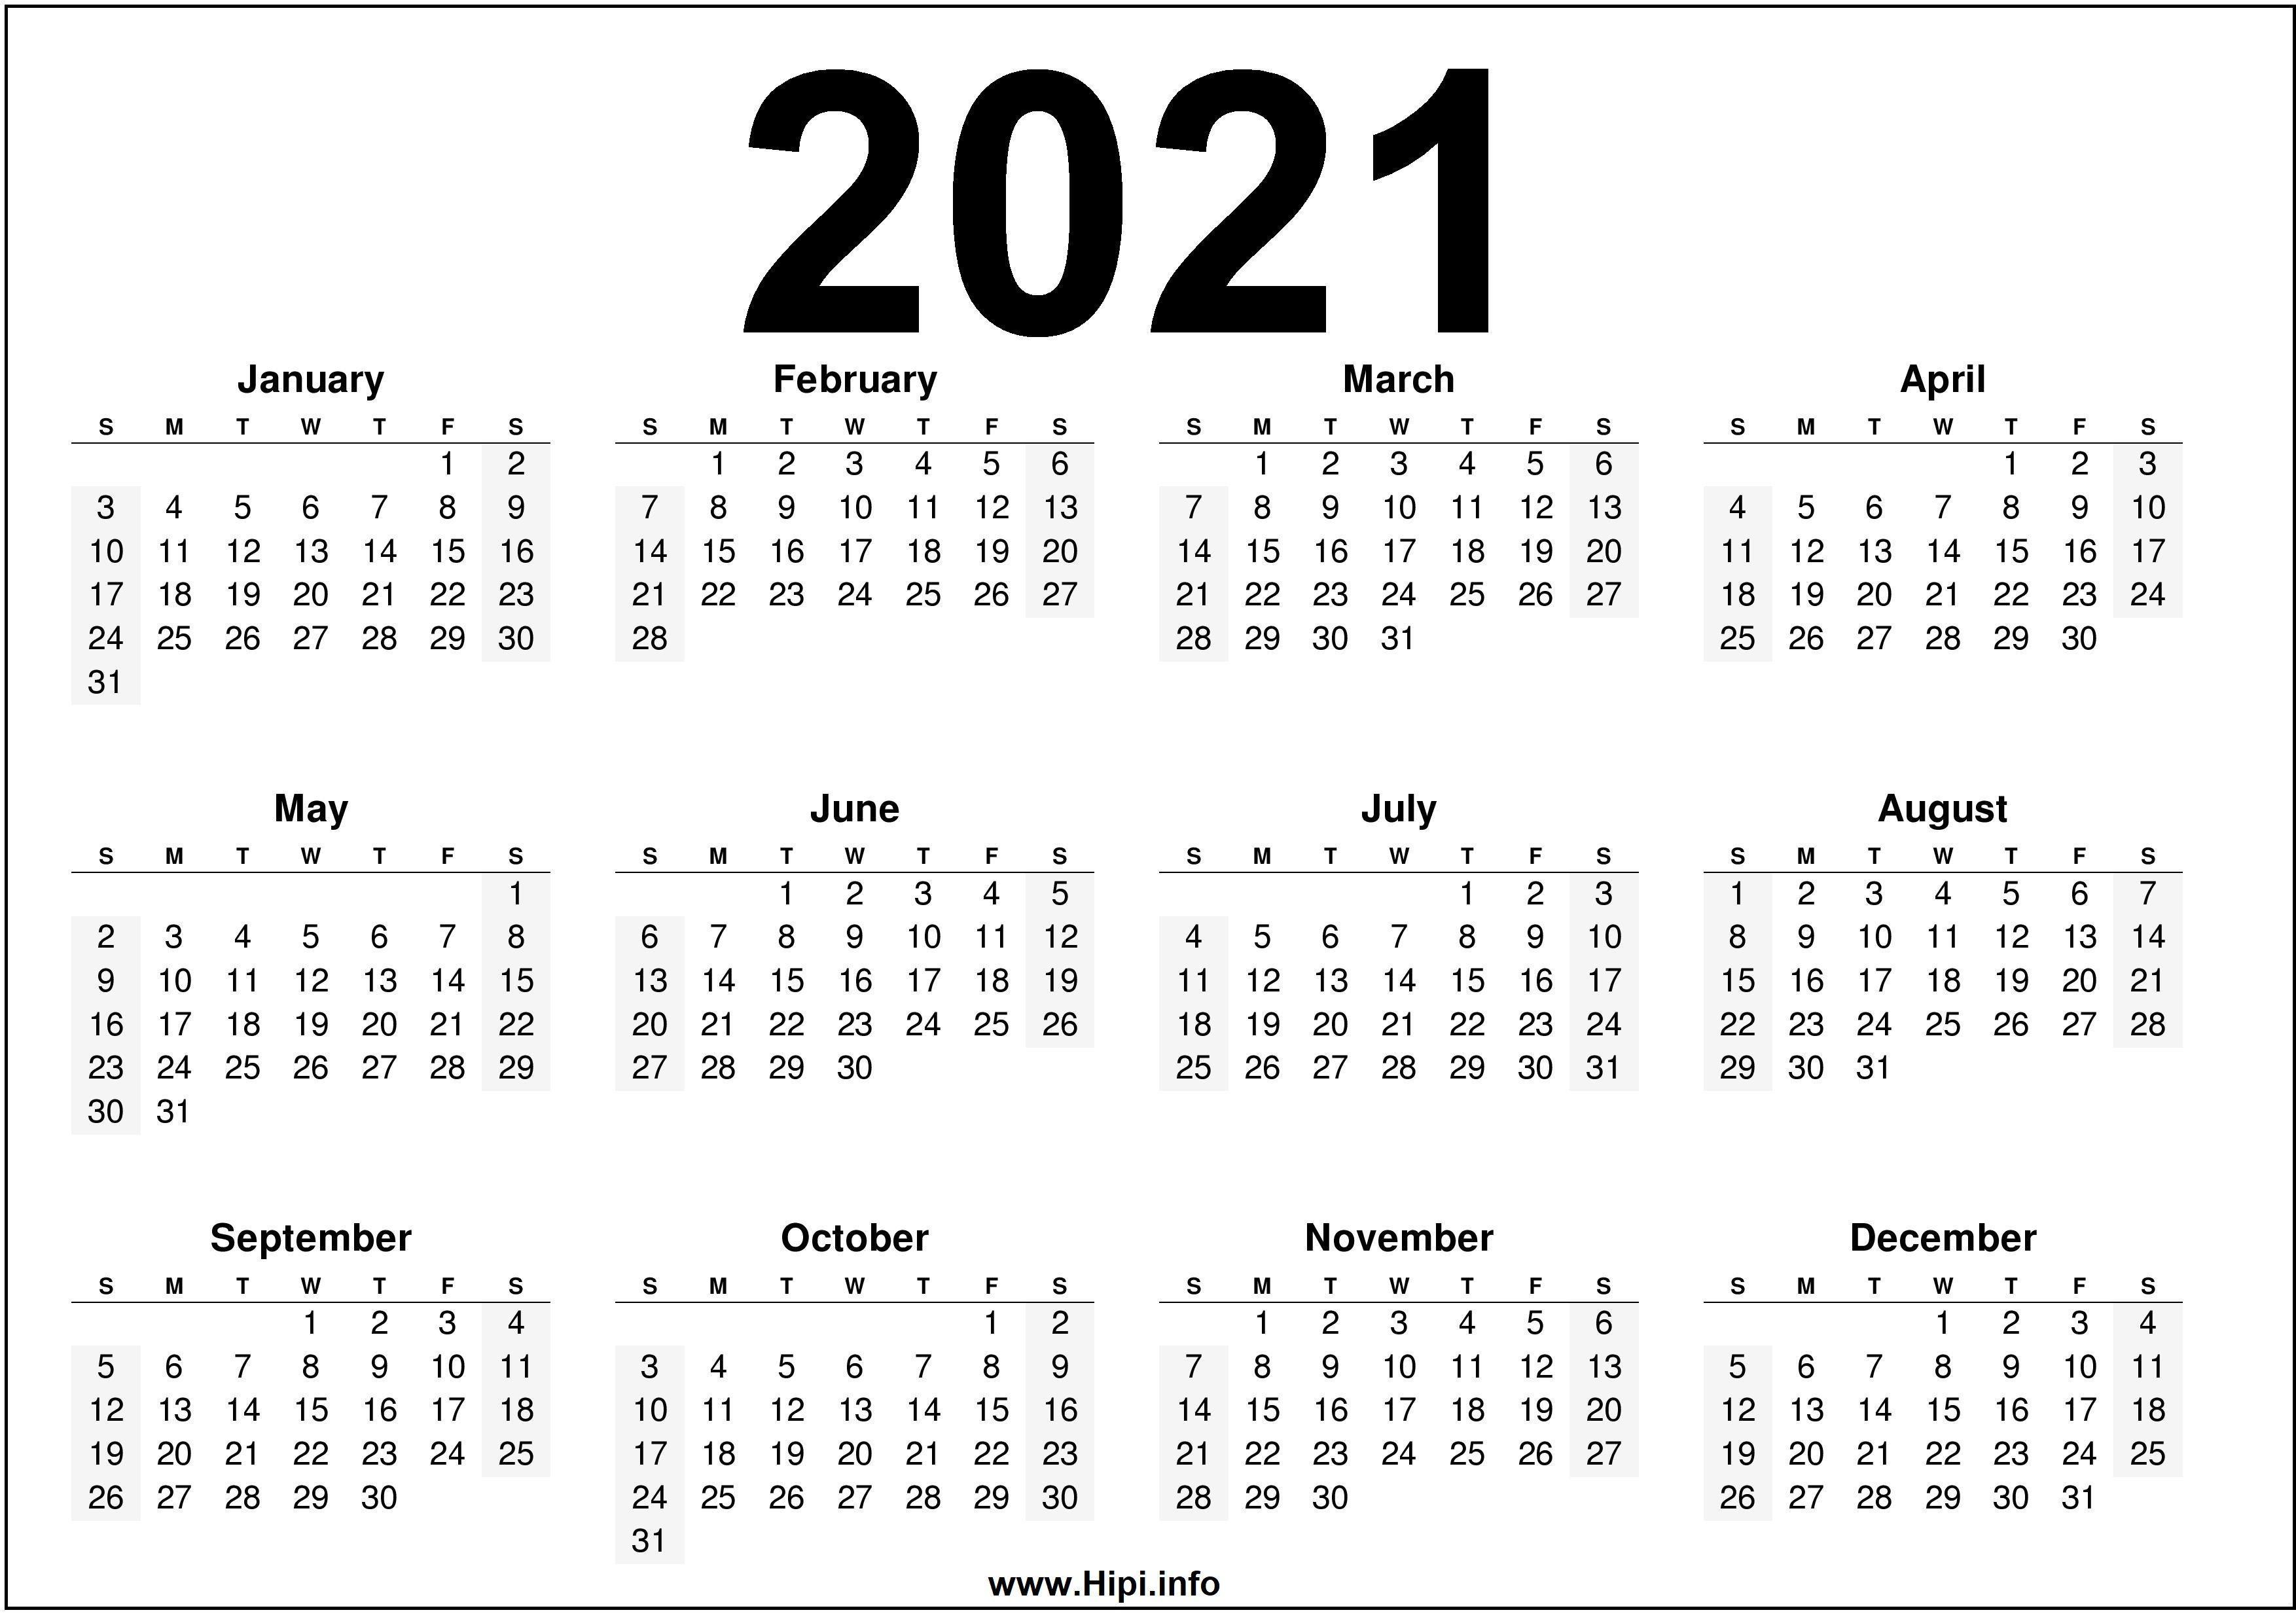 2021 Calendar Wallpapers Top Free 2021 Calendar Backgrounds Wallpaperaccess